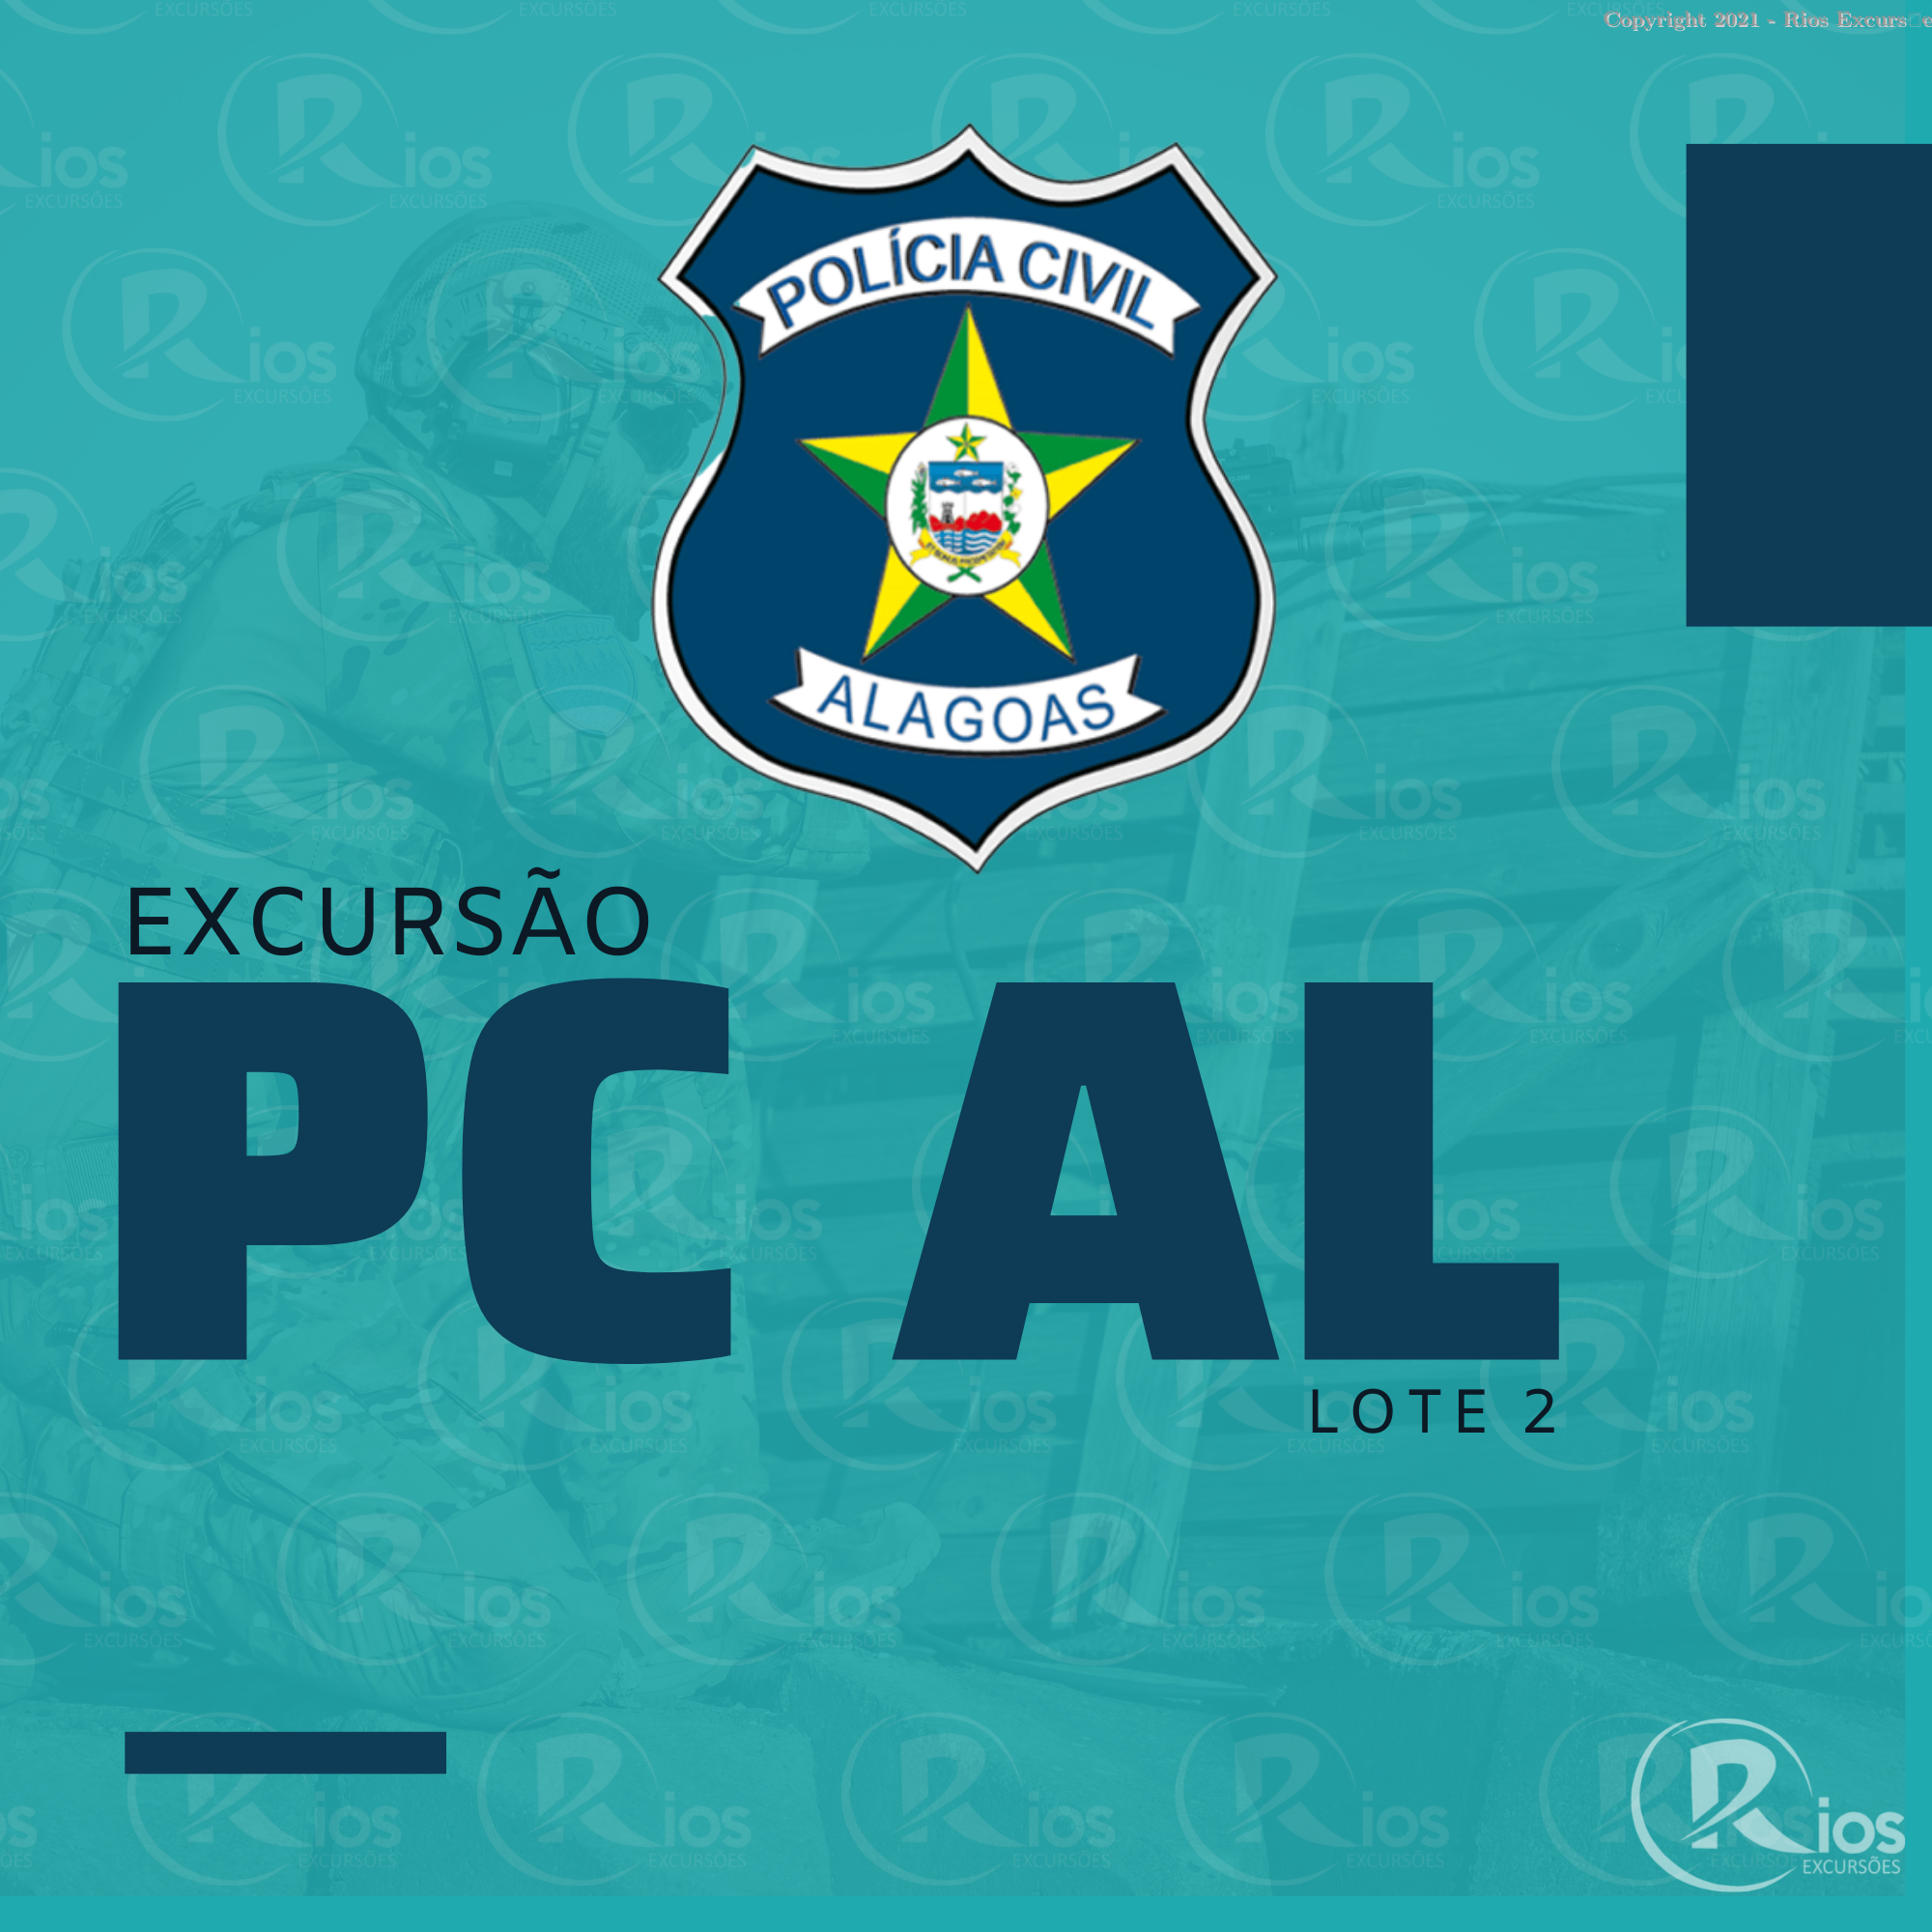 EXCURSÃO PC AL (LOTE 2) ILHéUS- ITABUNA - JEQUIé, FEIRA DE SANTANA